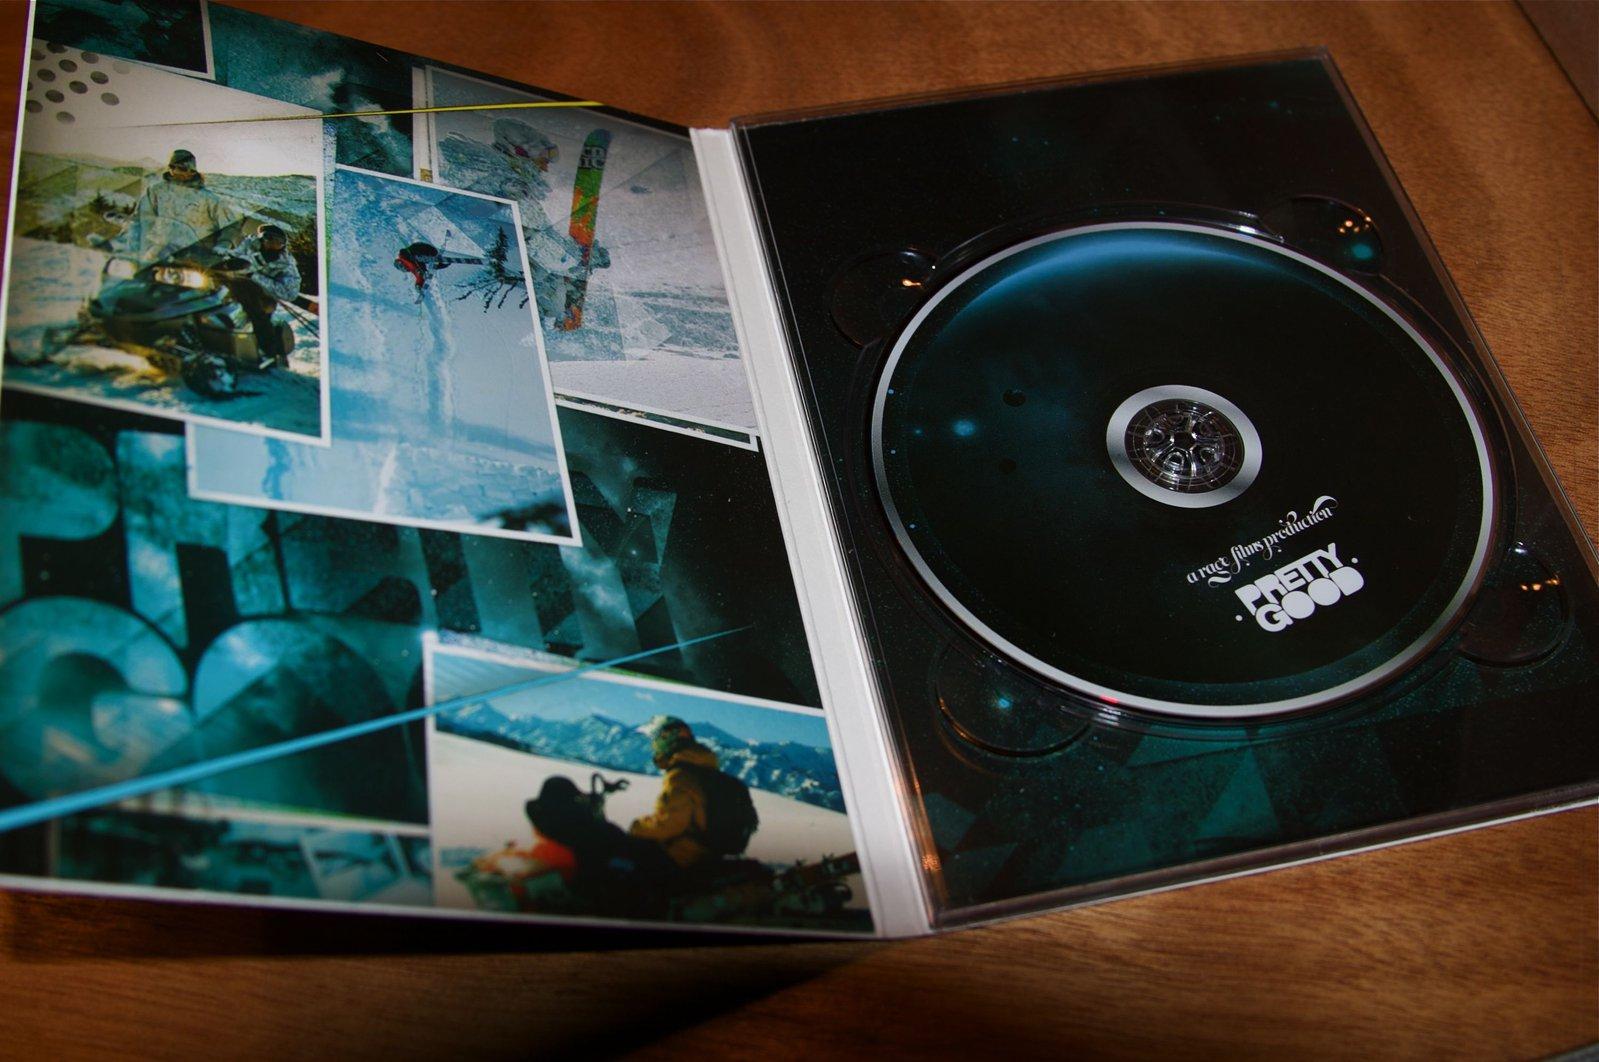 DVD inside cover